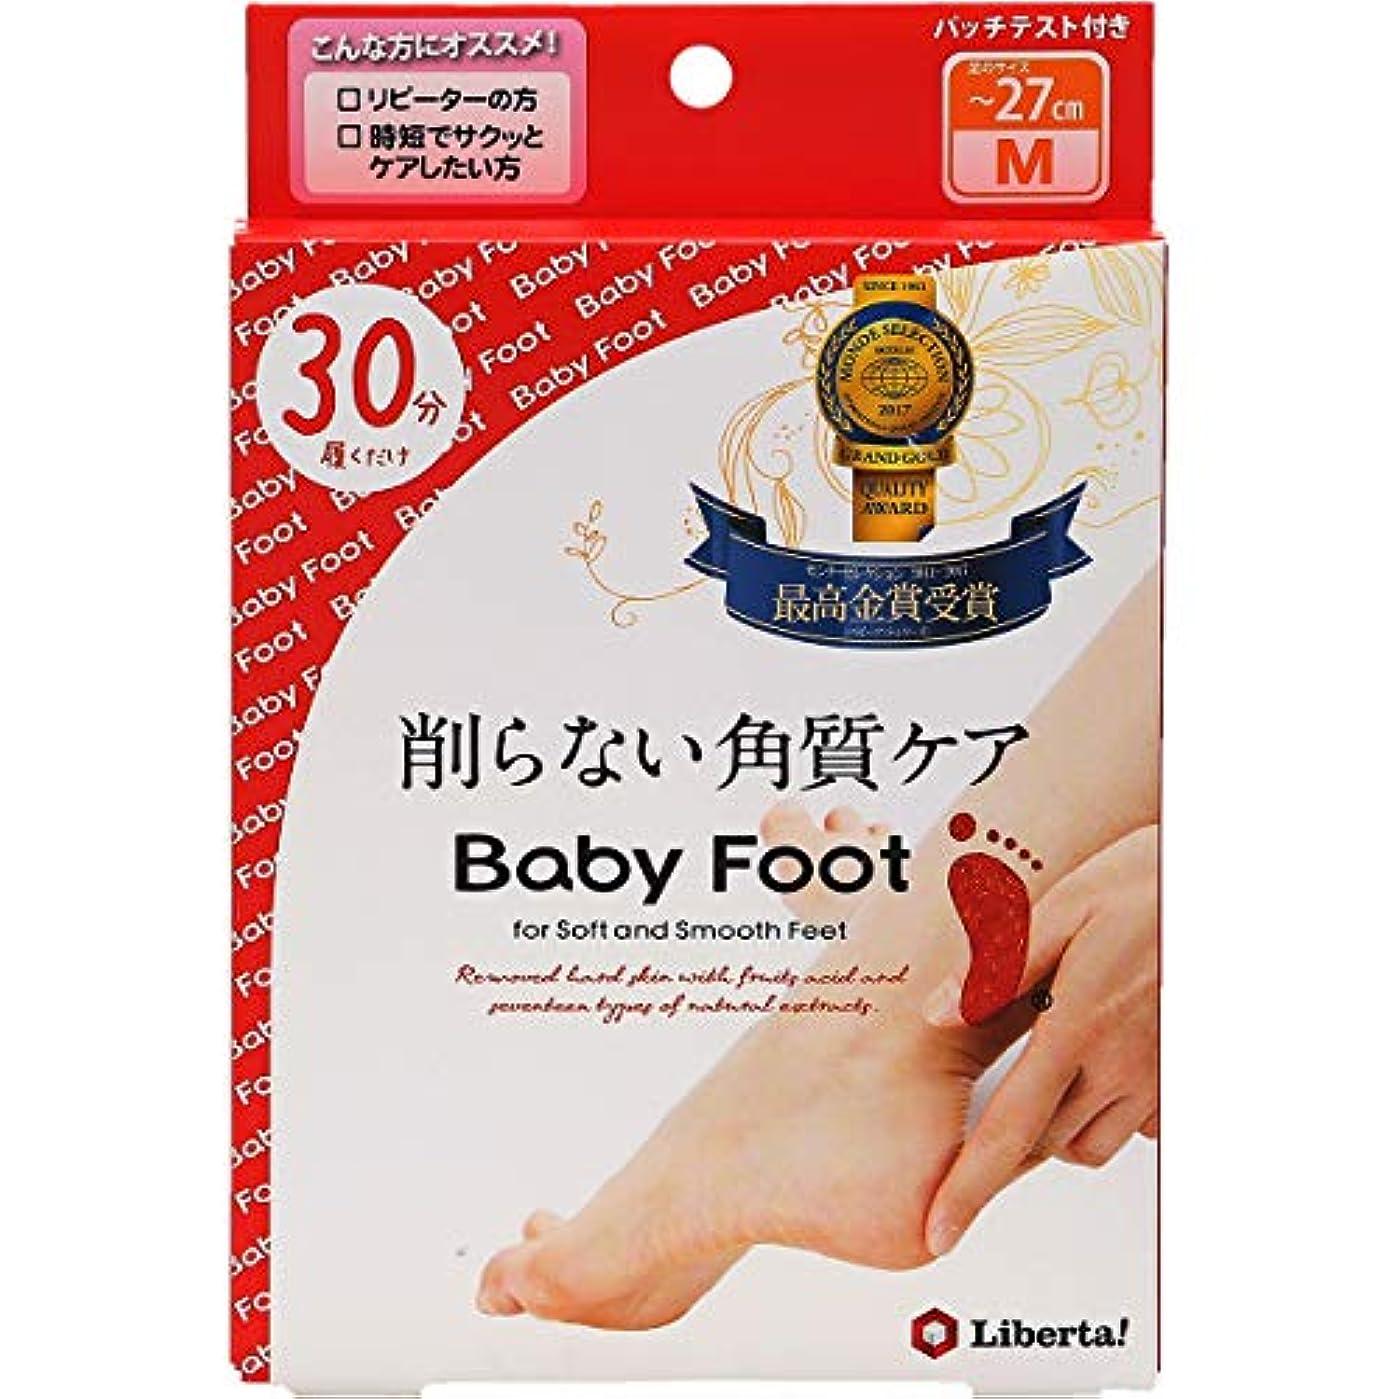 山岳割り当てます百ベビーフット (Baby Foot) ベビーフット イージーパック30分タイプ Mサイズ 単品